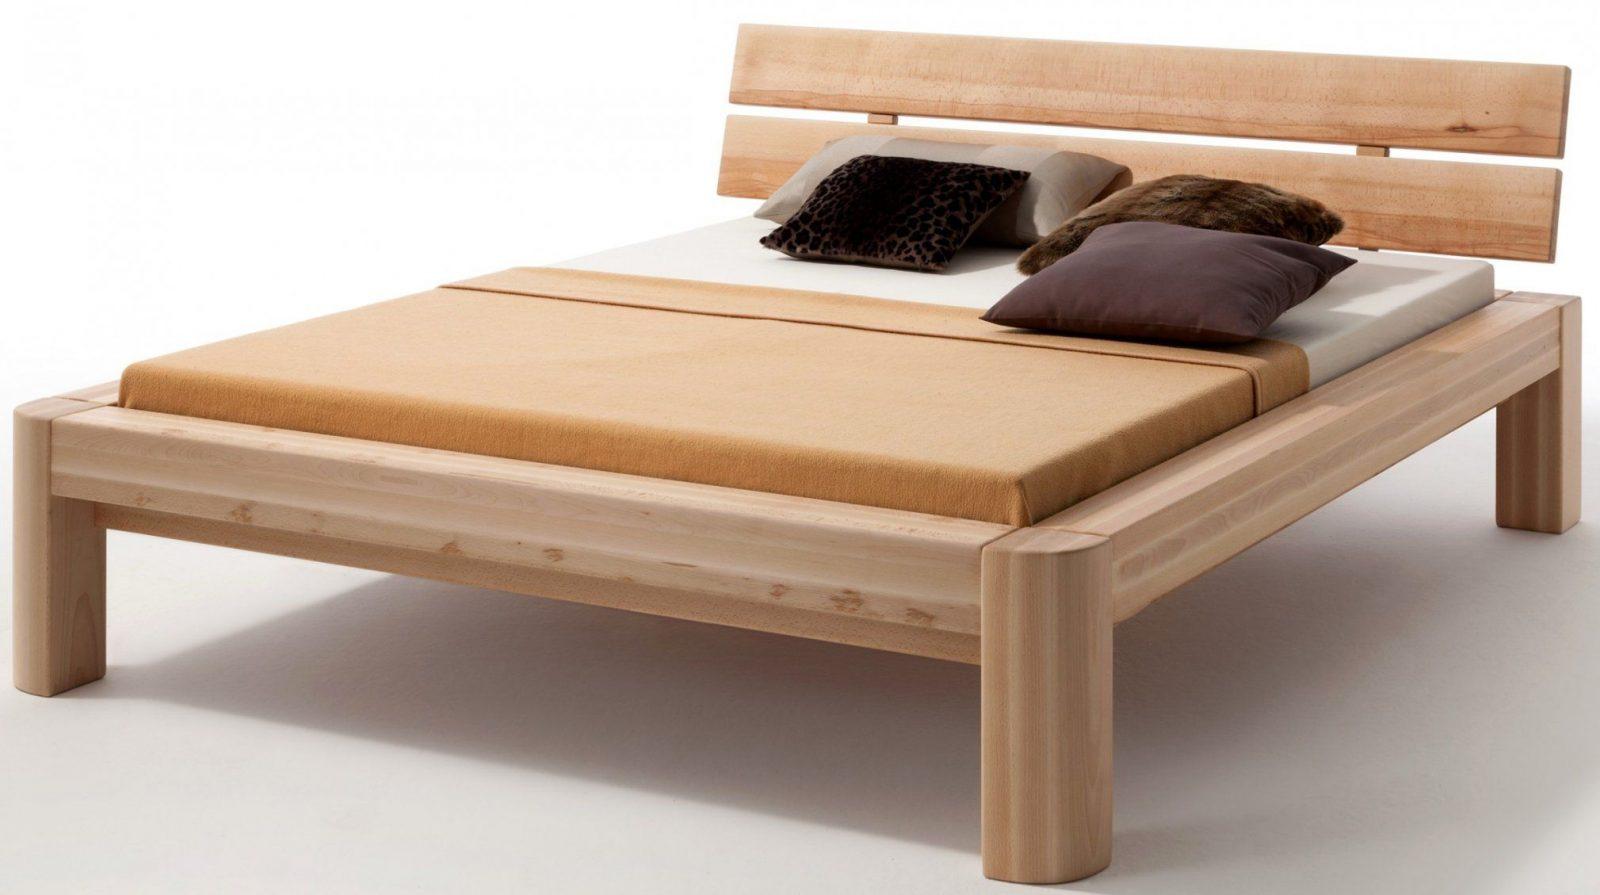 Neueste Bettgestell0X200 Holz Gebraucht Bett Selber Bauen Mit von Bettgestell Selber Bauen 140X200 Photo